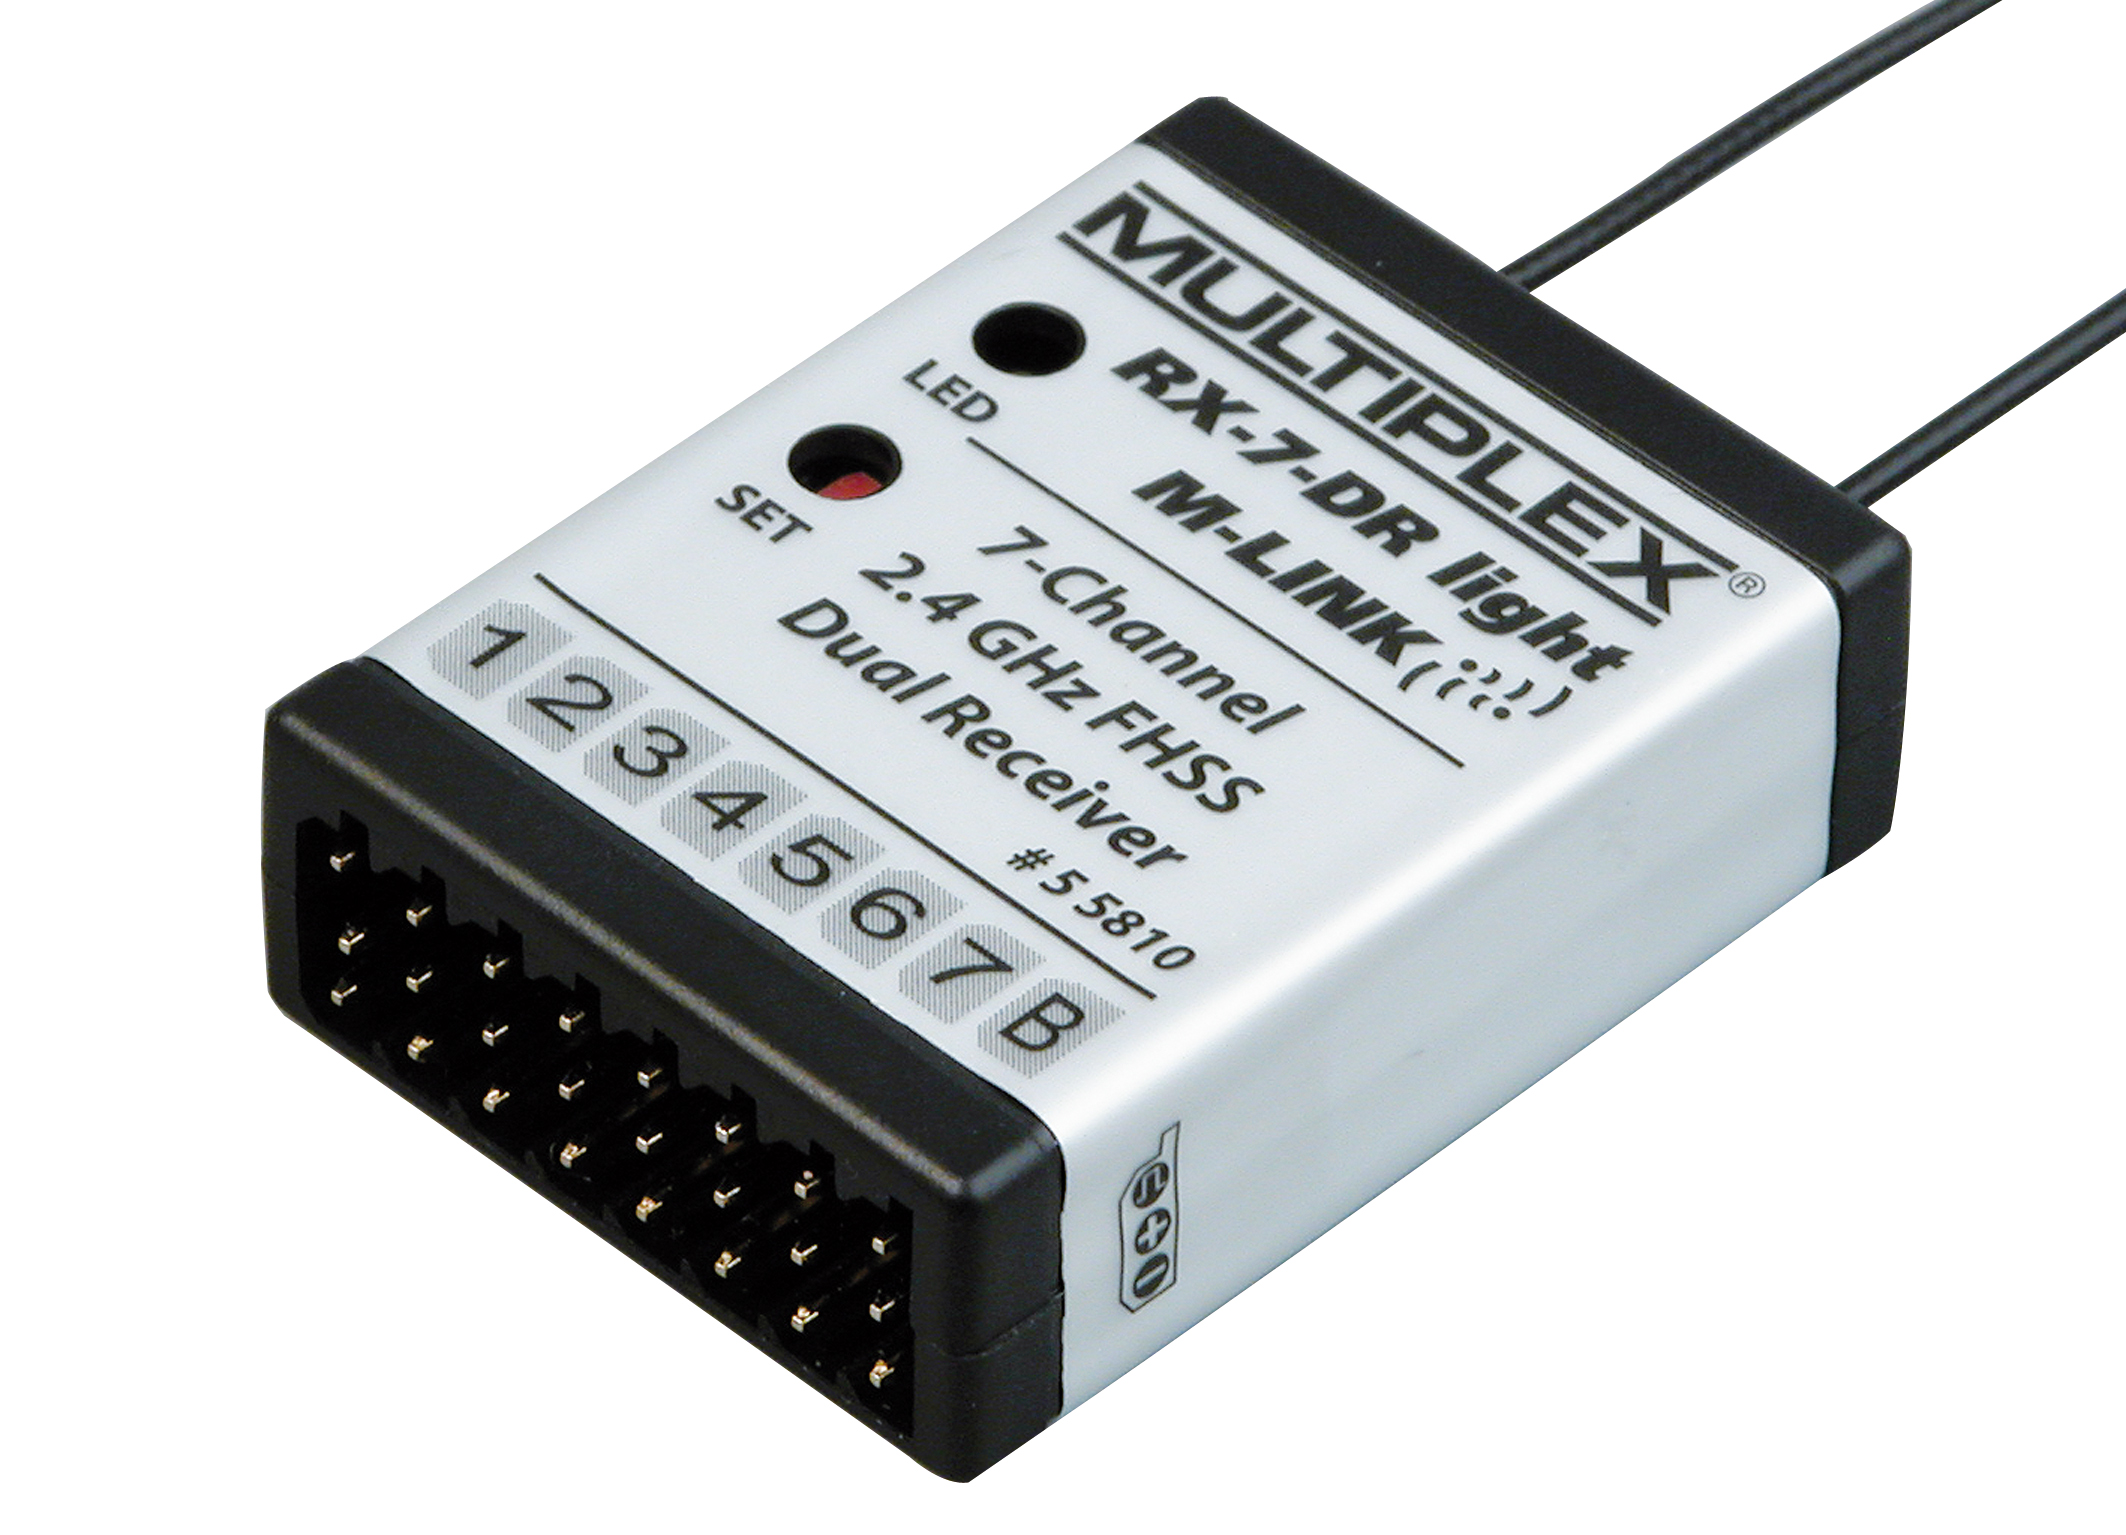 Multiplex Empfänger RX-7-DR light M-LINK 2,4 GHz